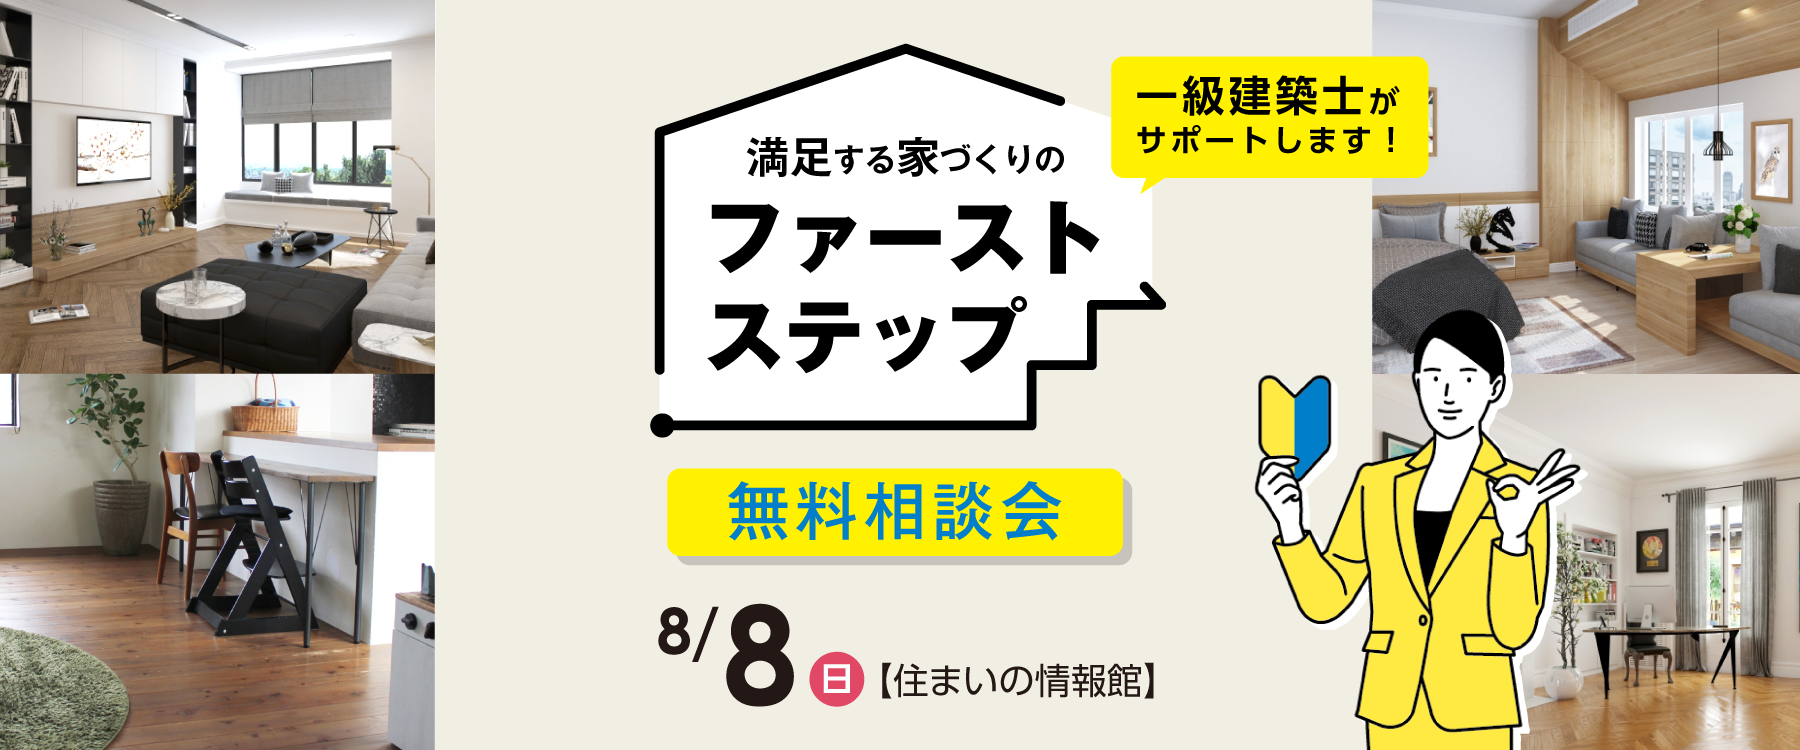 画像:8月8日(日)一級建築士に相談「満足する家づくりのファーストステップ」